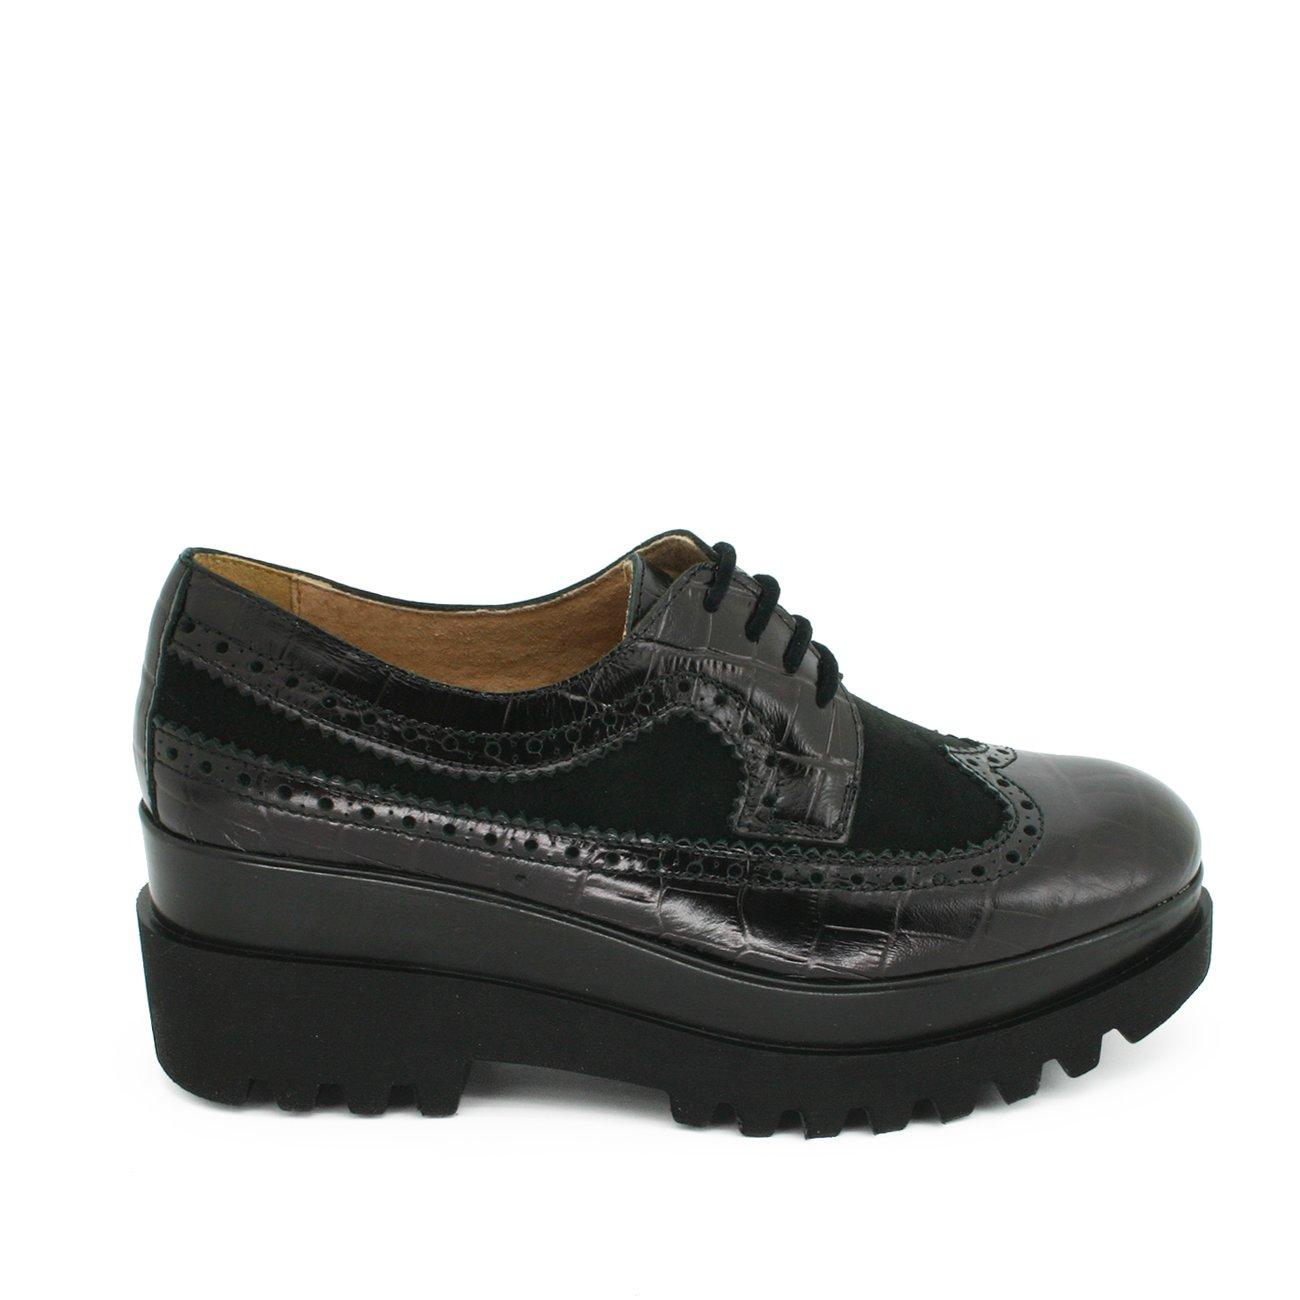 Zapato Mujer de Cordones Tipo Oxford - Suela Gruesa - Combinado Ante Piel - Color Negro o Beige Camel Marrón - Interior Forrado EN Piel 38 EU|Negro